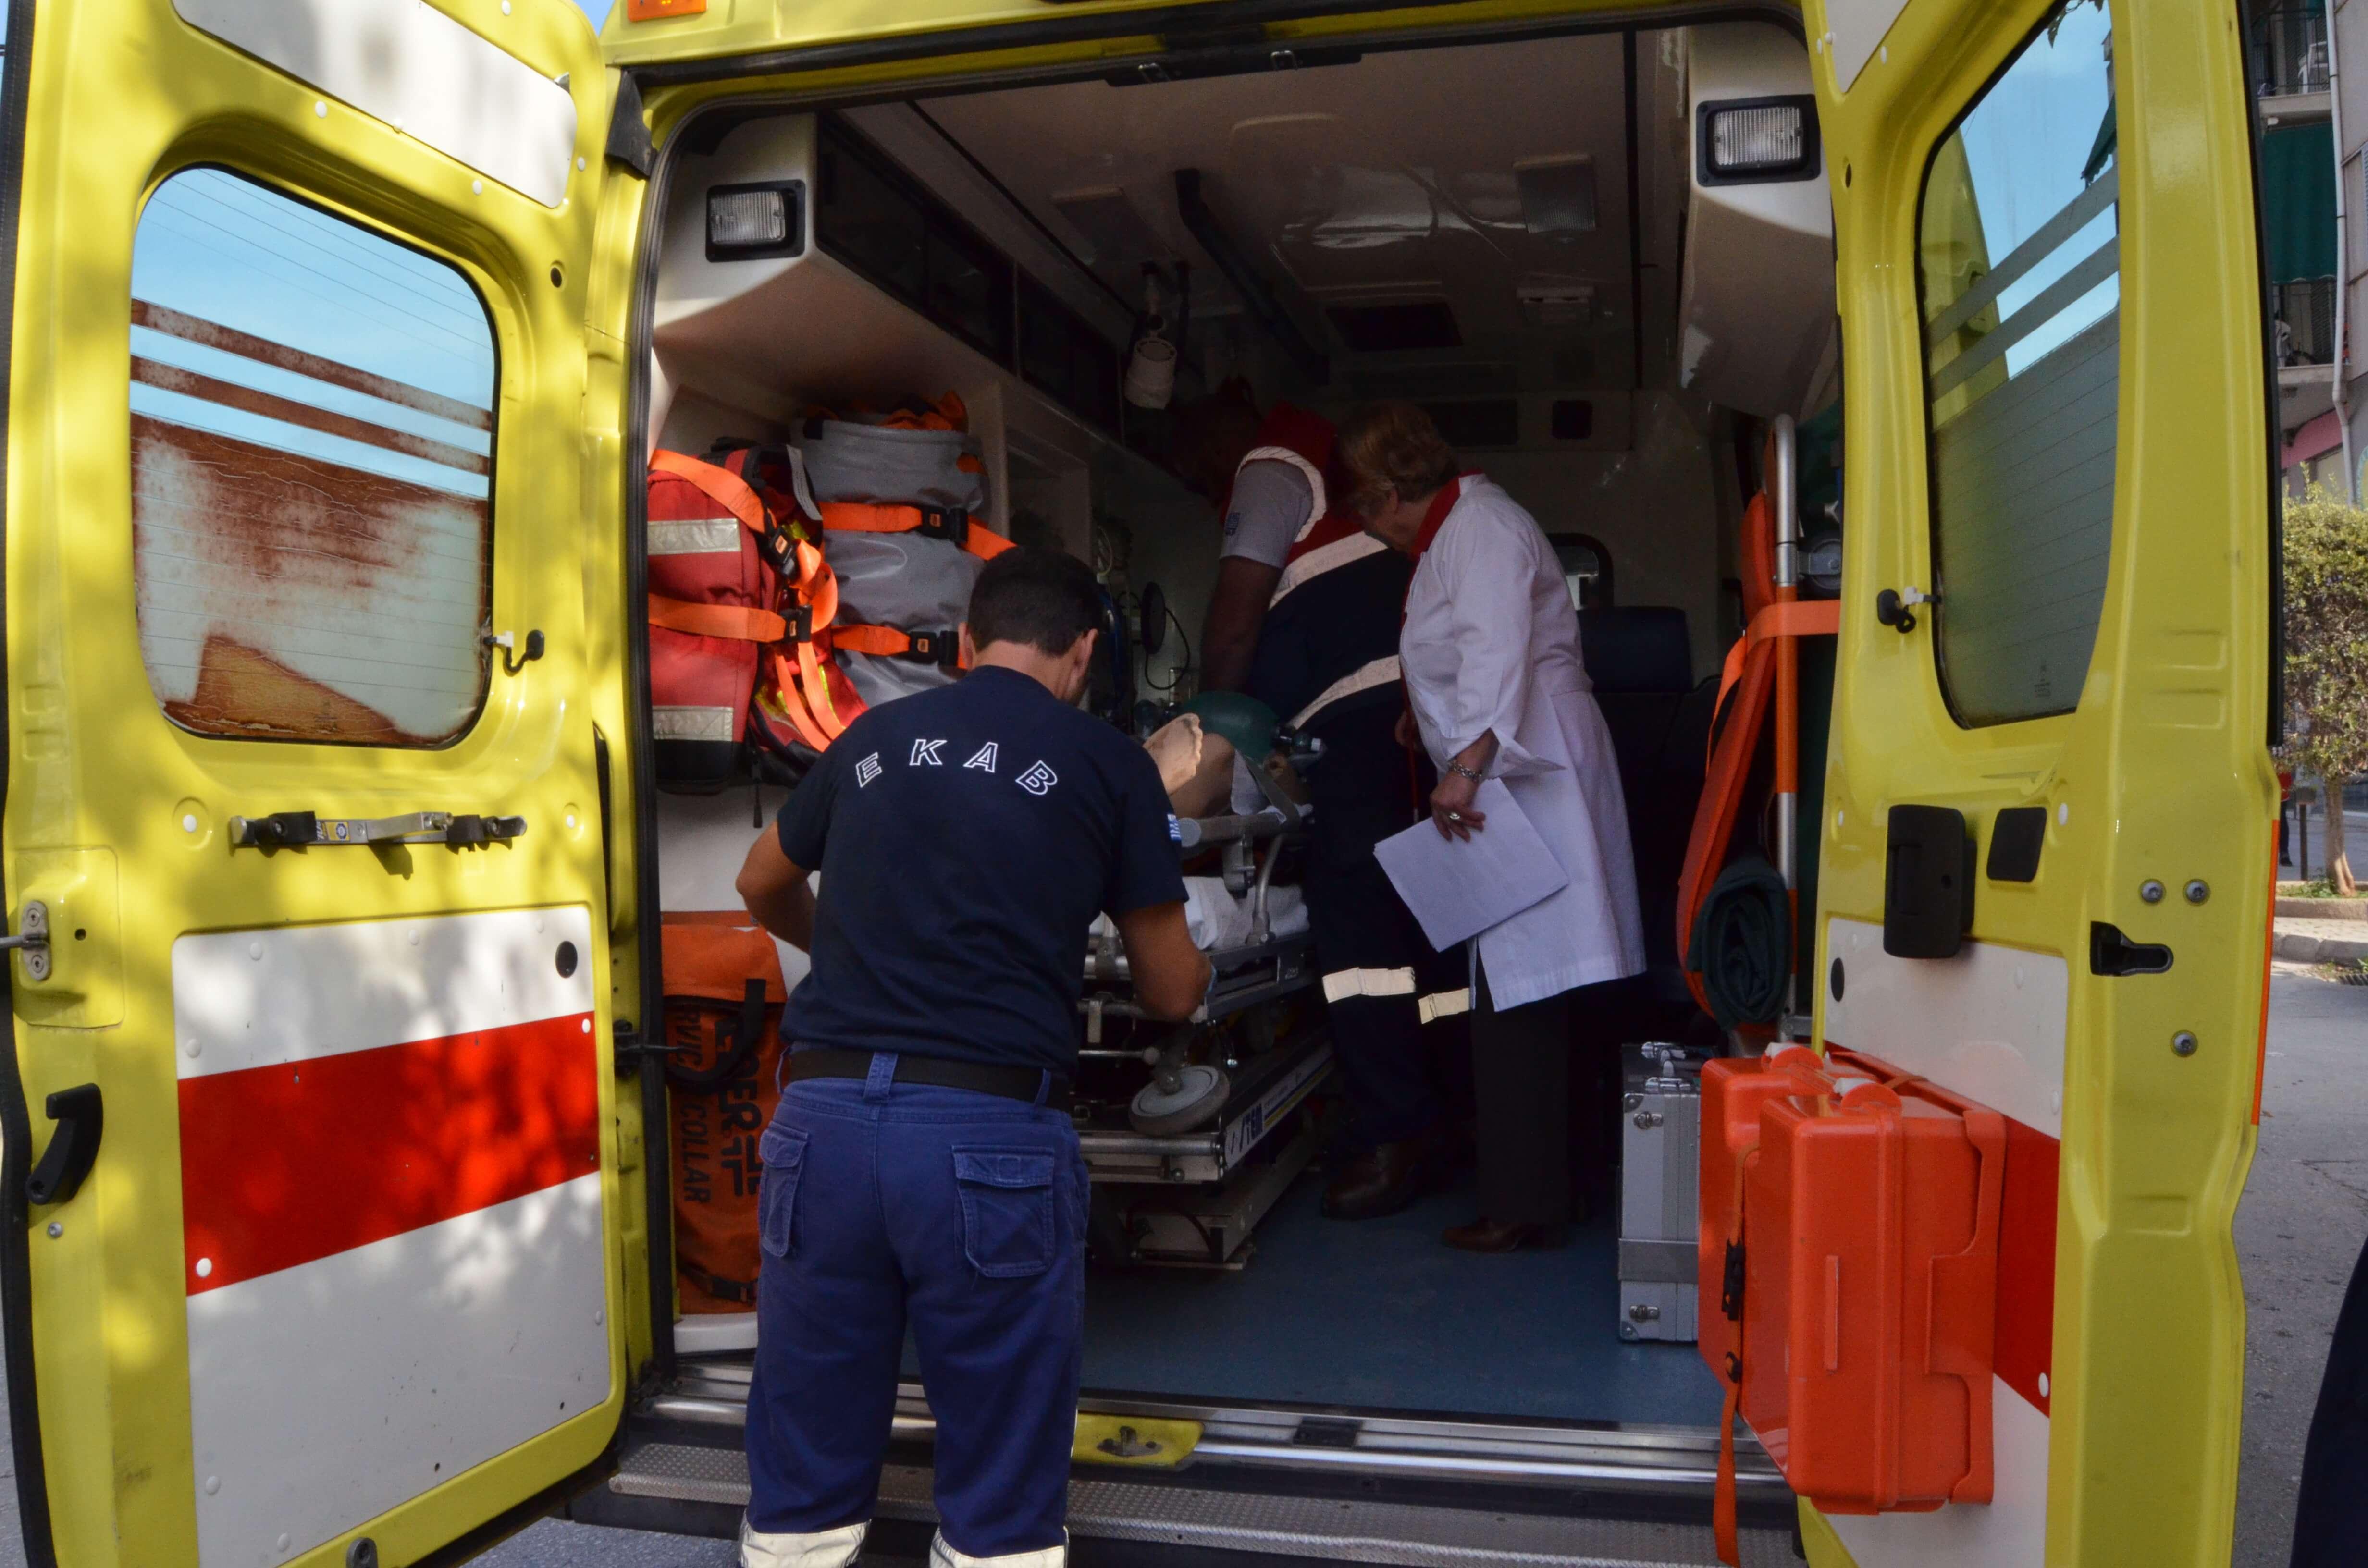 Βοιωτία: Εργατικό δυστύχημα στη Στεφανή – Σκοτώθηκε πατέρας τριών παιδιών!